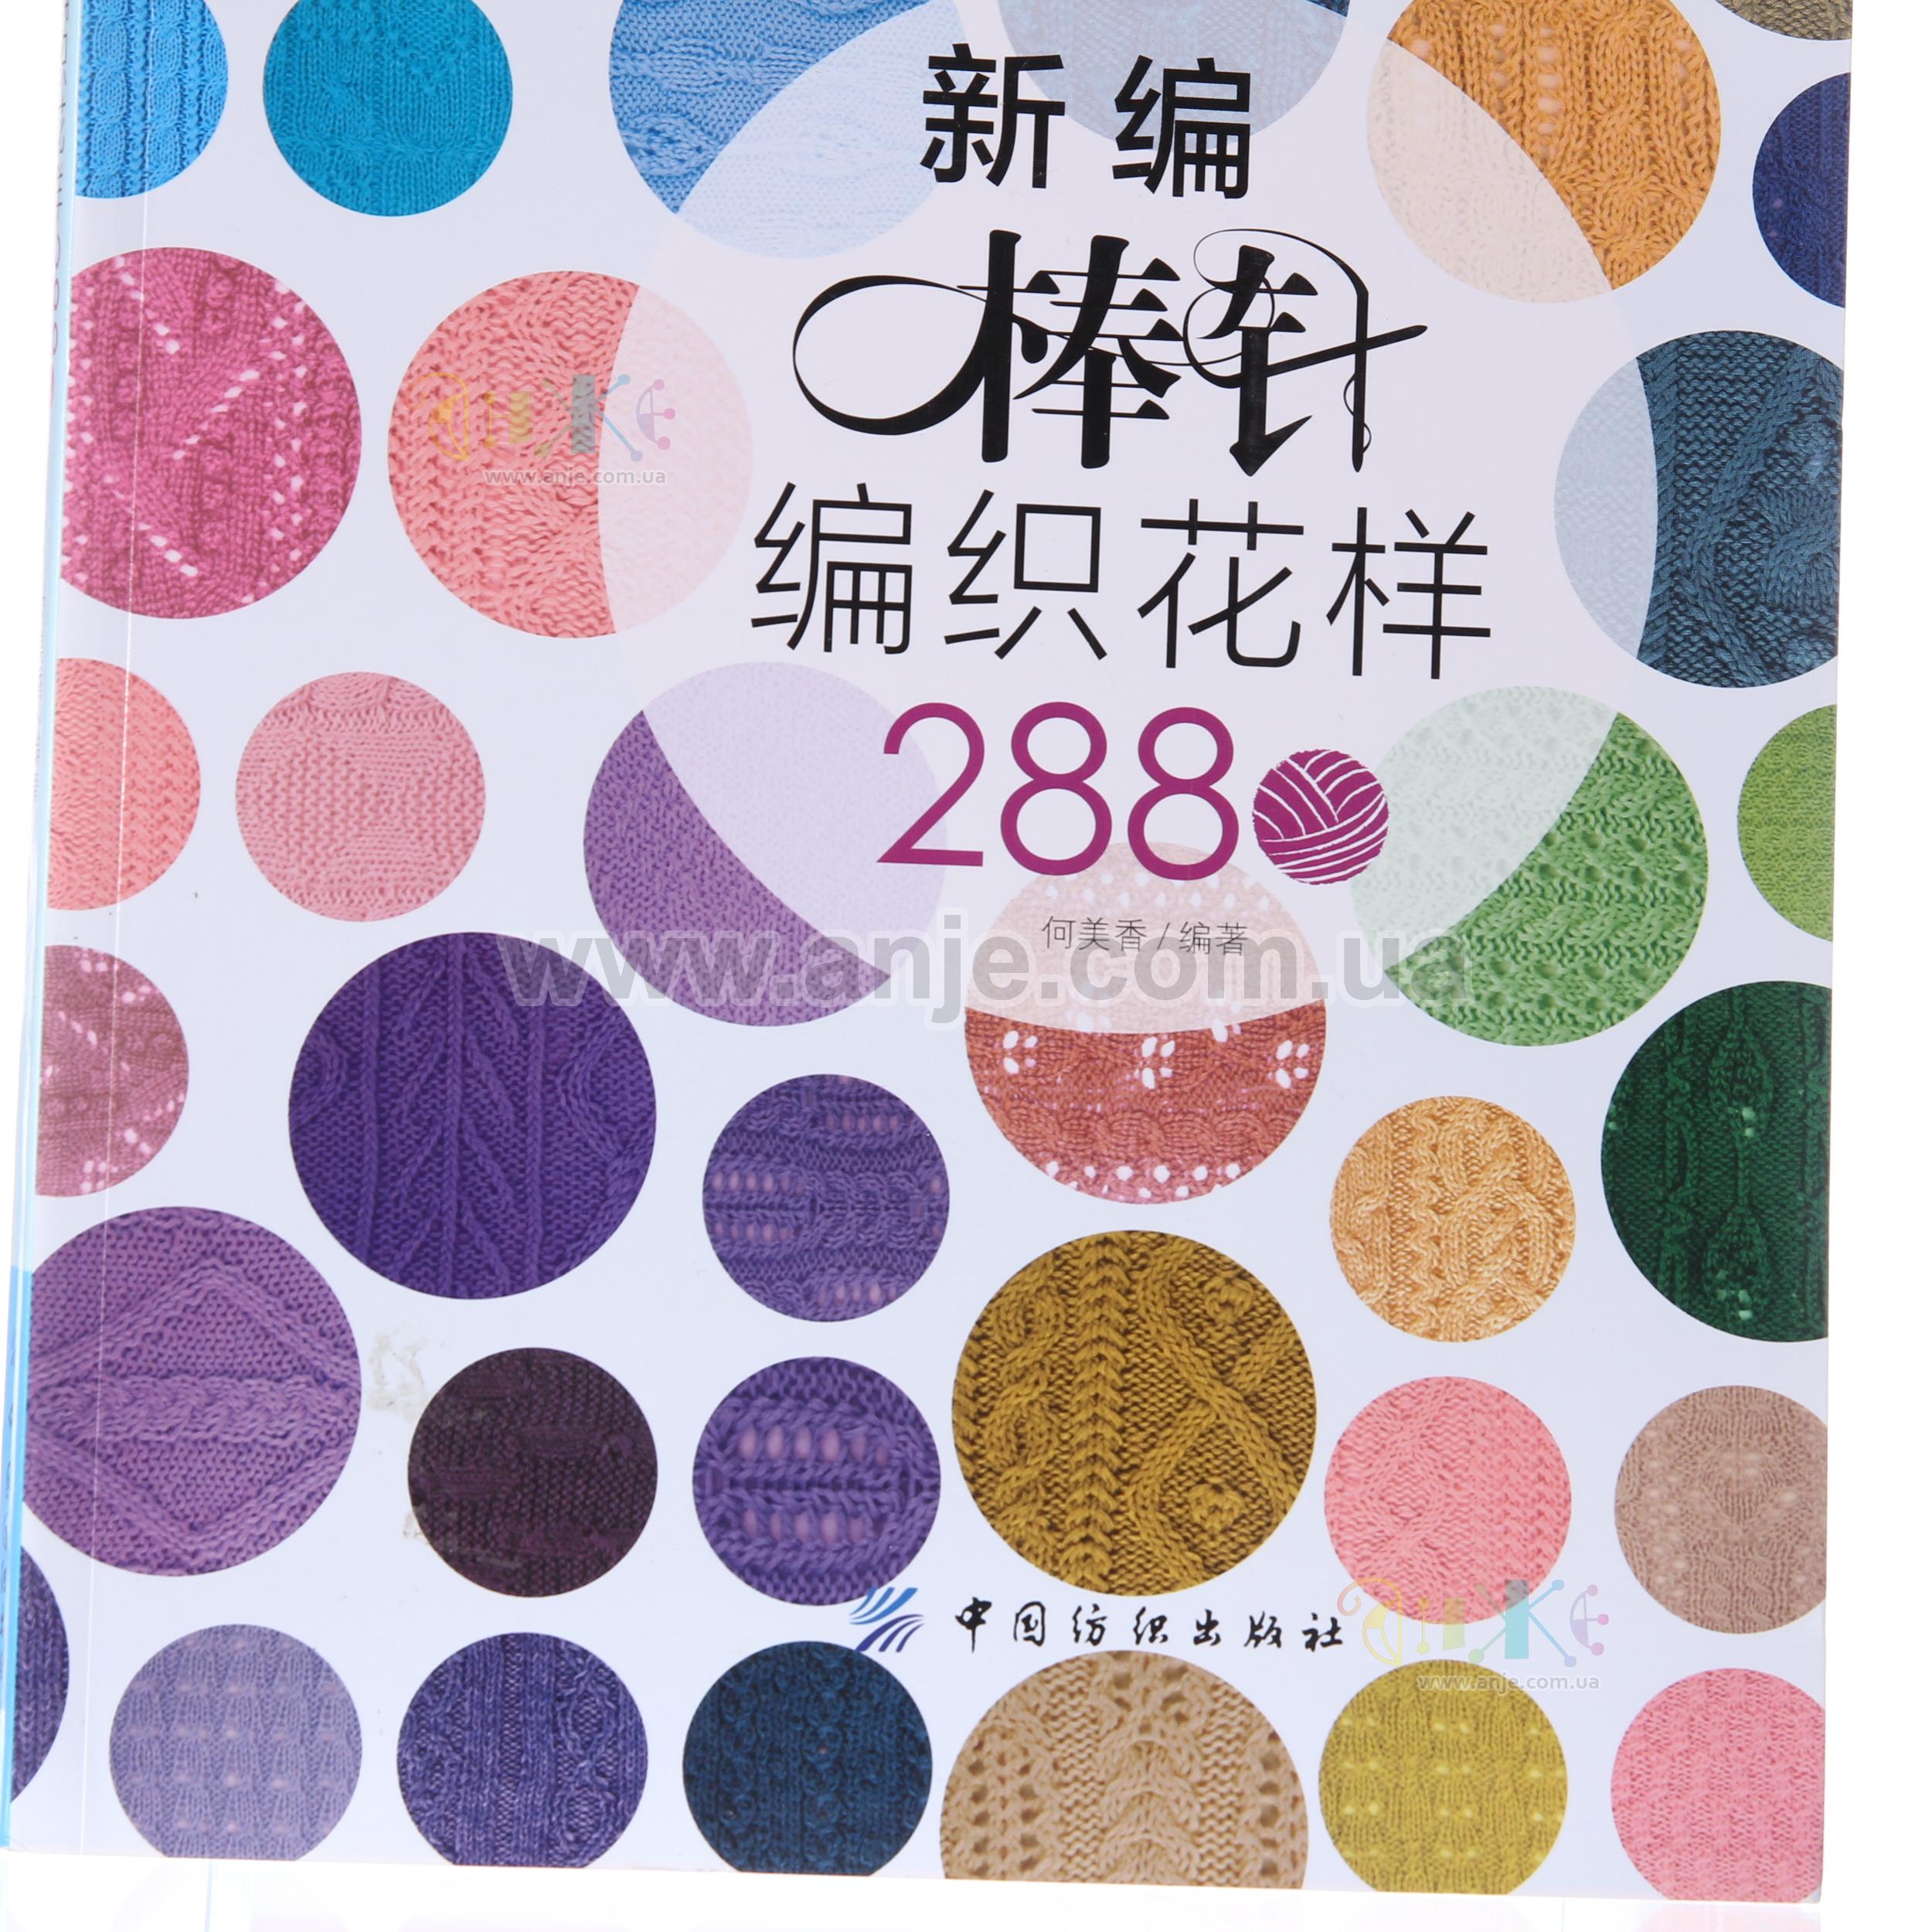 книги японская литература японская книга по вязанию 288 спицы